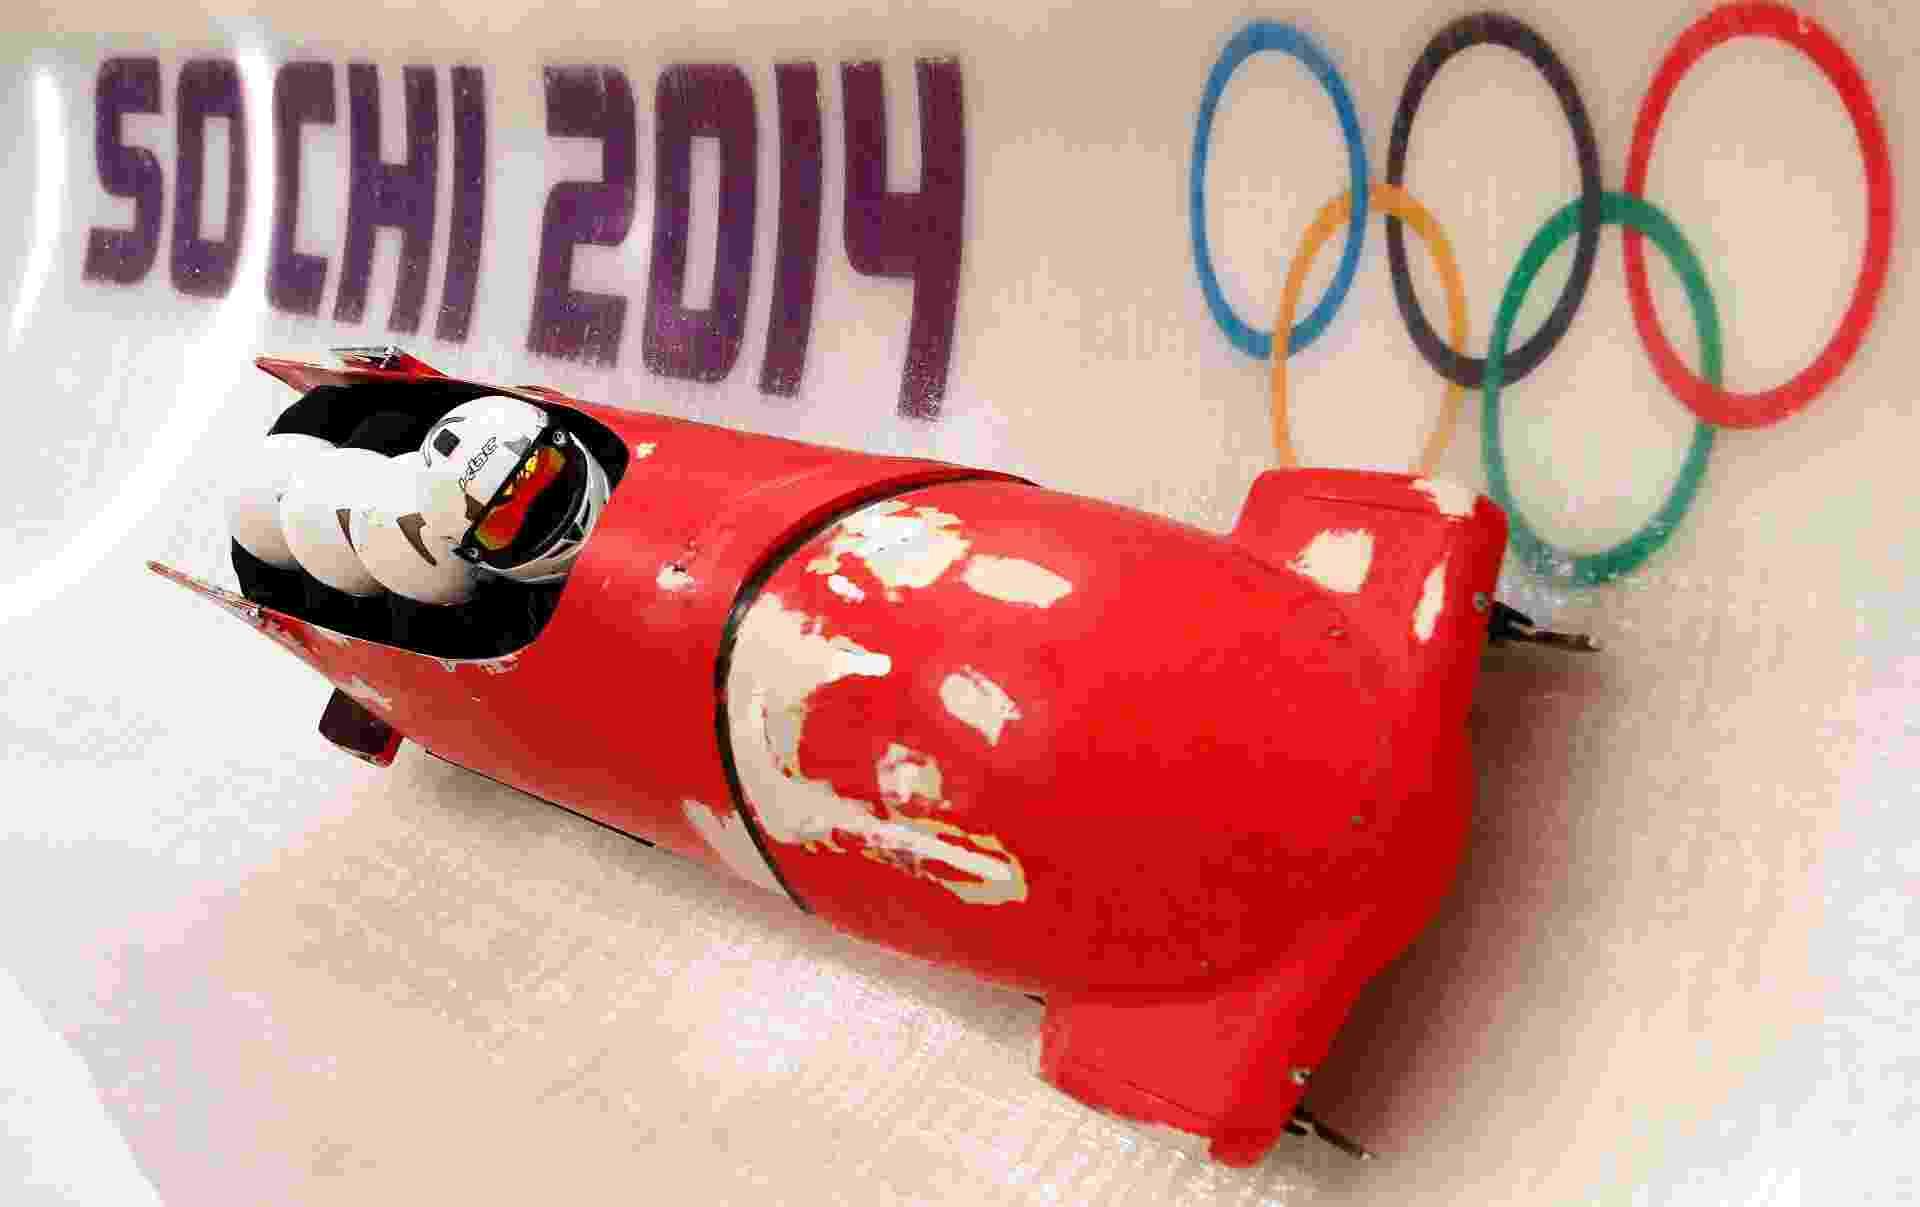 """06.02.14 - Time brasileiro do bobsled continua treinando com trenó """"sucata""""; modelo, de segunda mão, foi comprado em Mônaco. """"Não deu tempo de pintar, foi tudo muito corrido. A gente chegou há dois dias"""", disse na quarta-feira Odirlei Pessoni, um dos atletas do bobsled, ao Sportv. Equipe prometeu decorar o trenó com as cores do Brasil nesta quinta-feira - REUTERS/Arnd Wiegmann"""